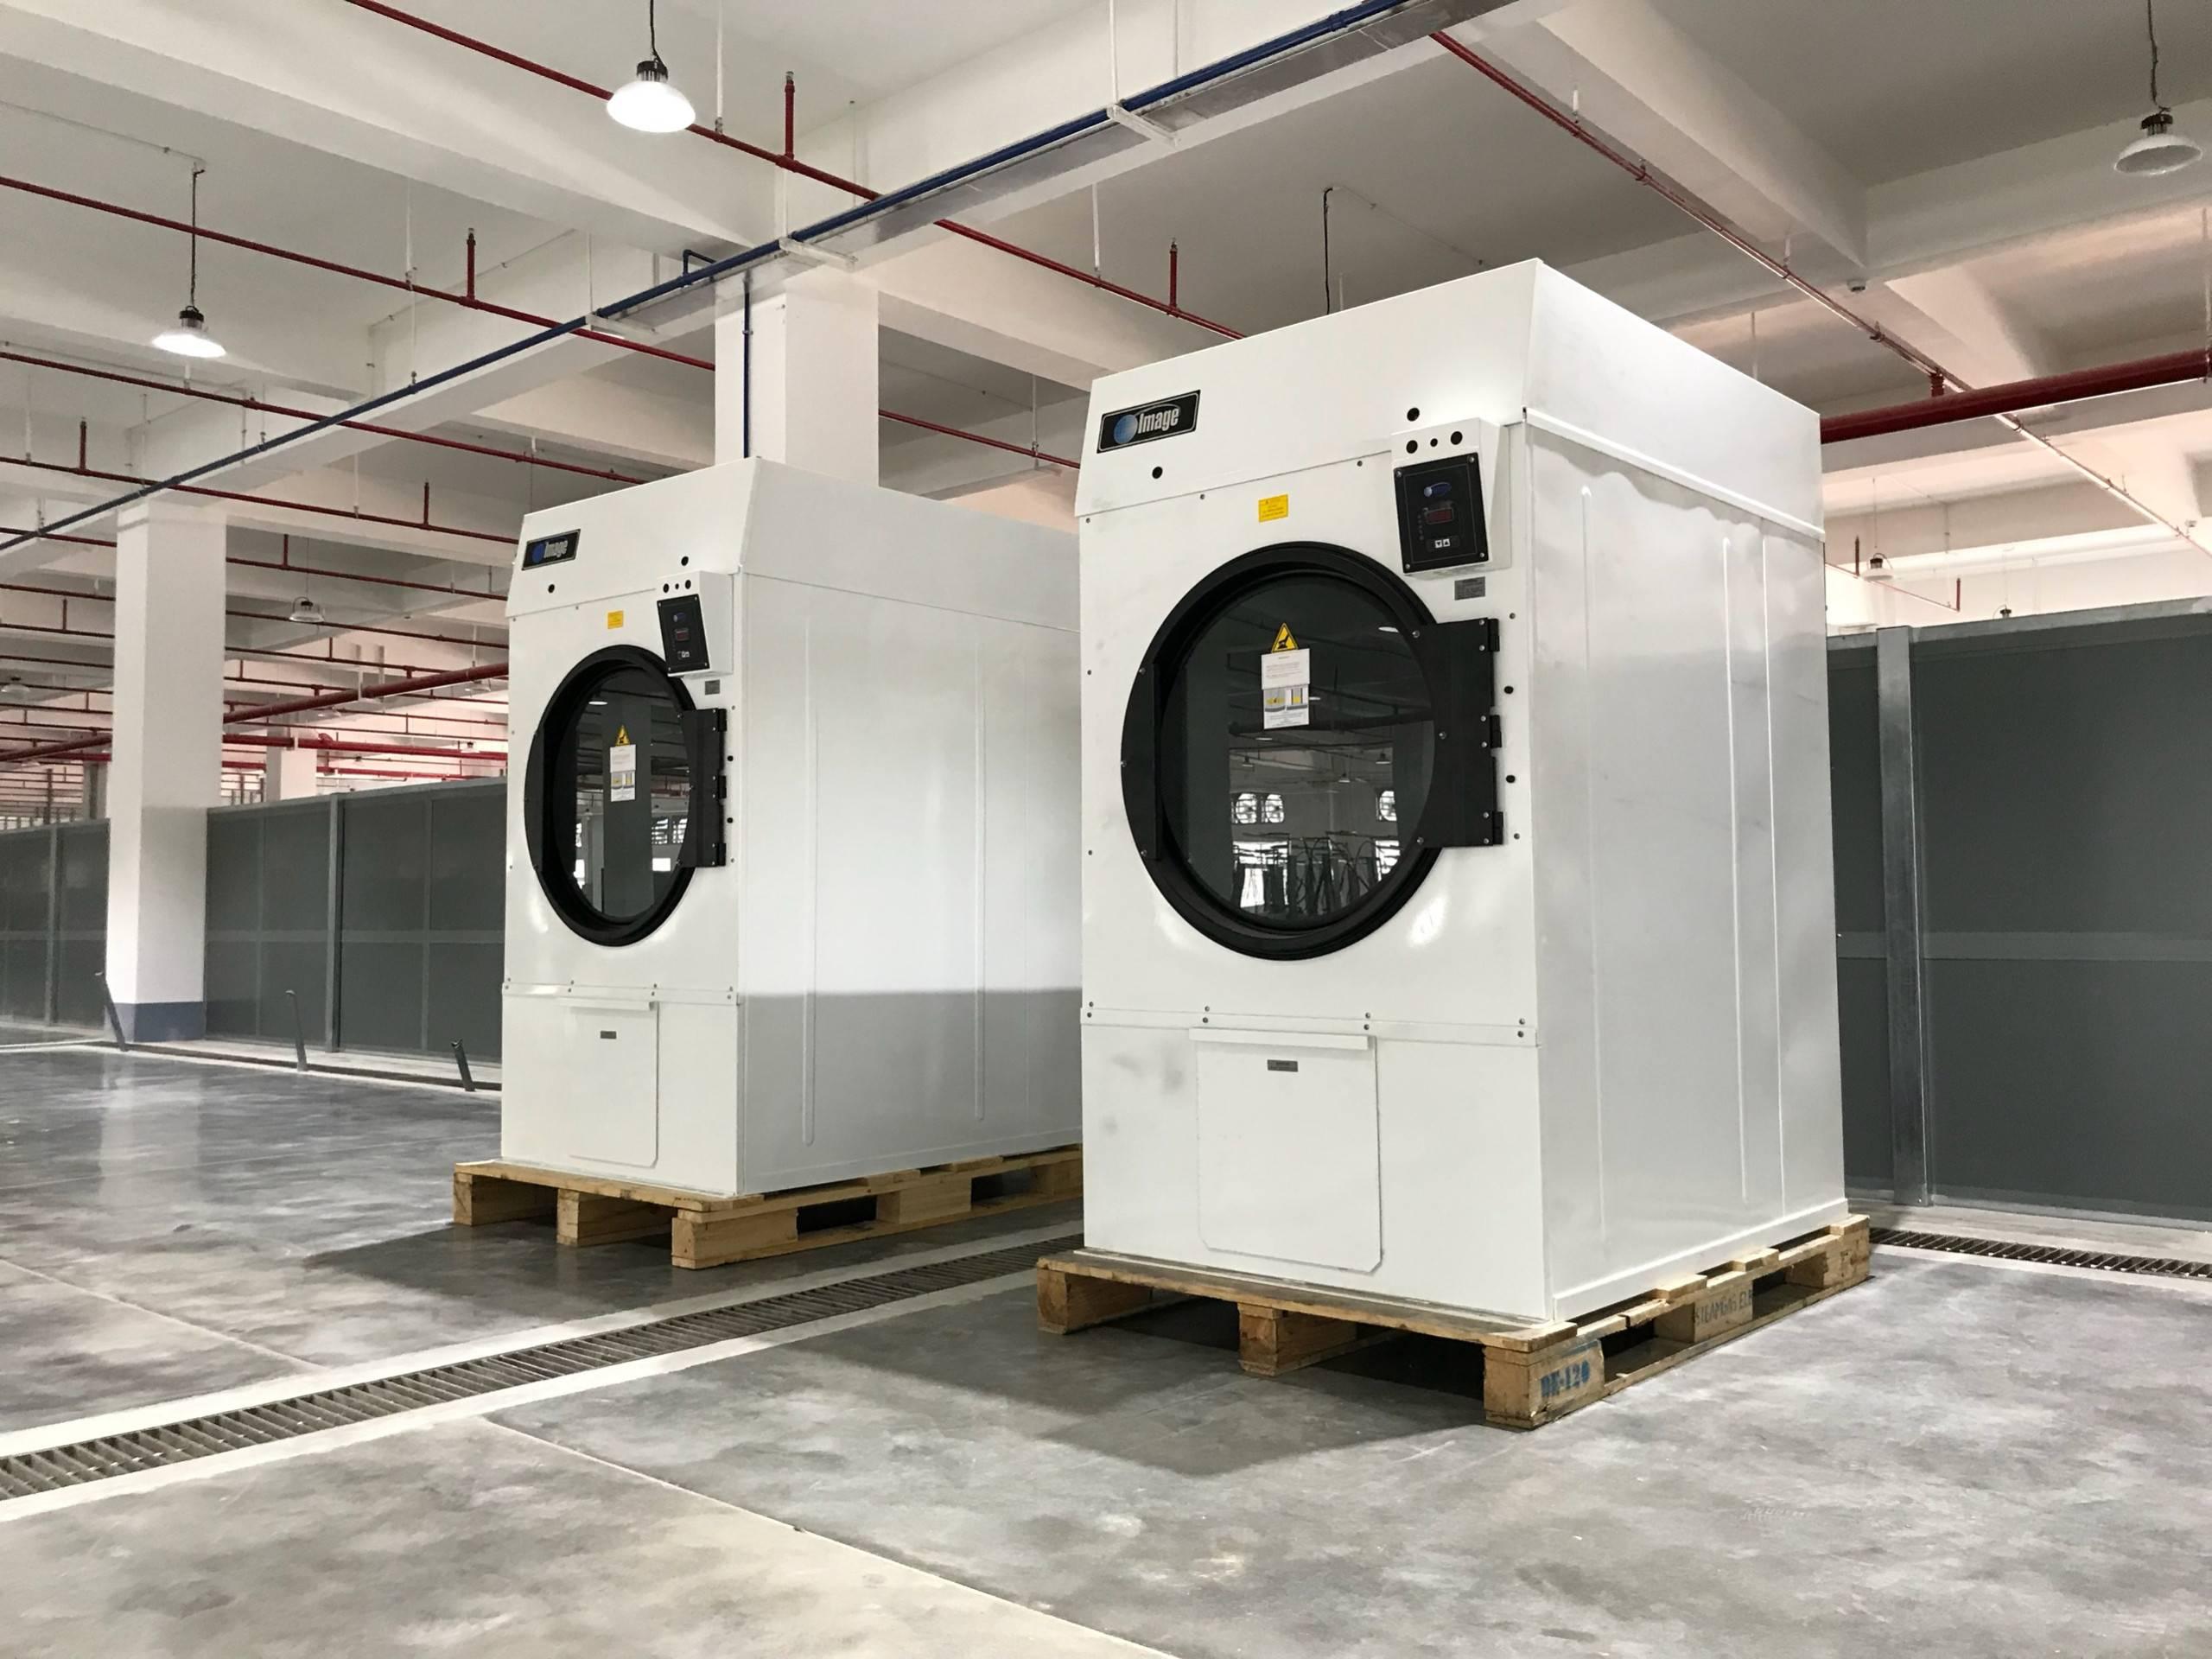 46381cb494067b582217 - Nên mua máy giặt công nghiệp Samsung hay Primus ?